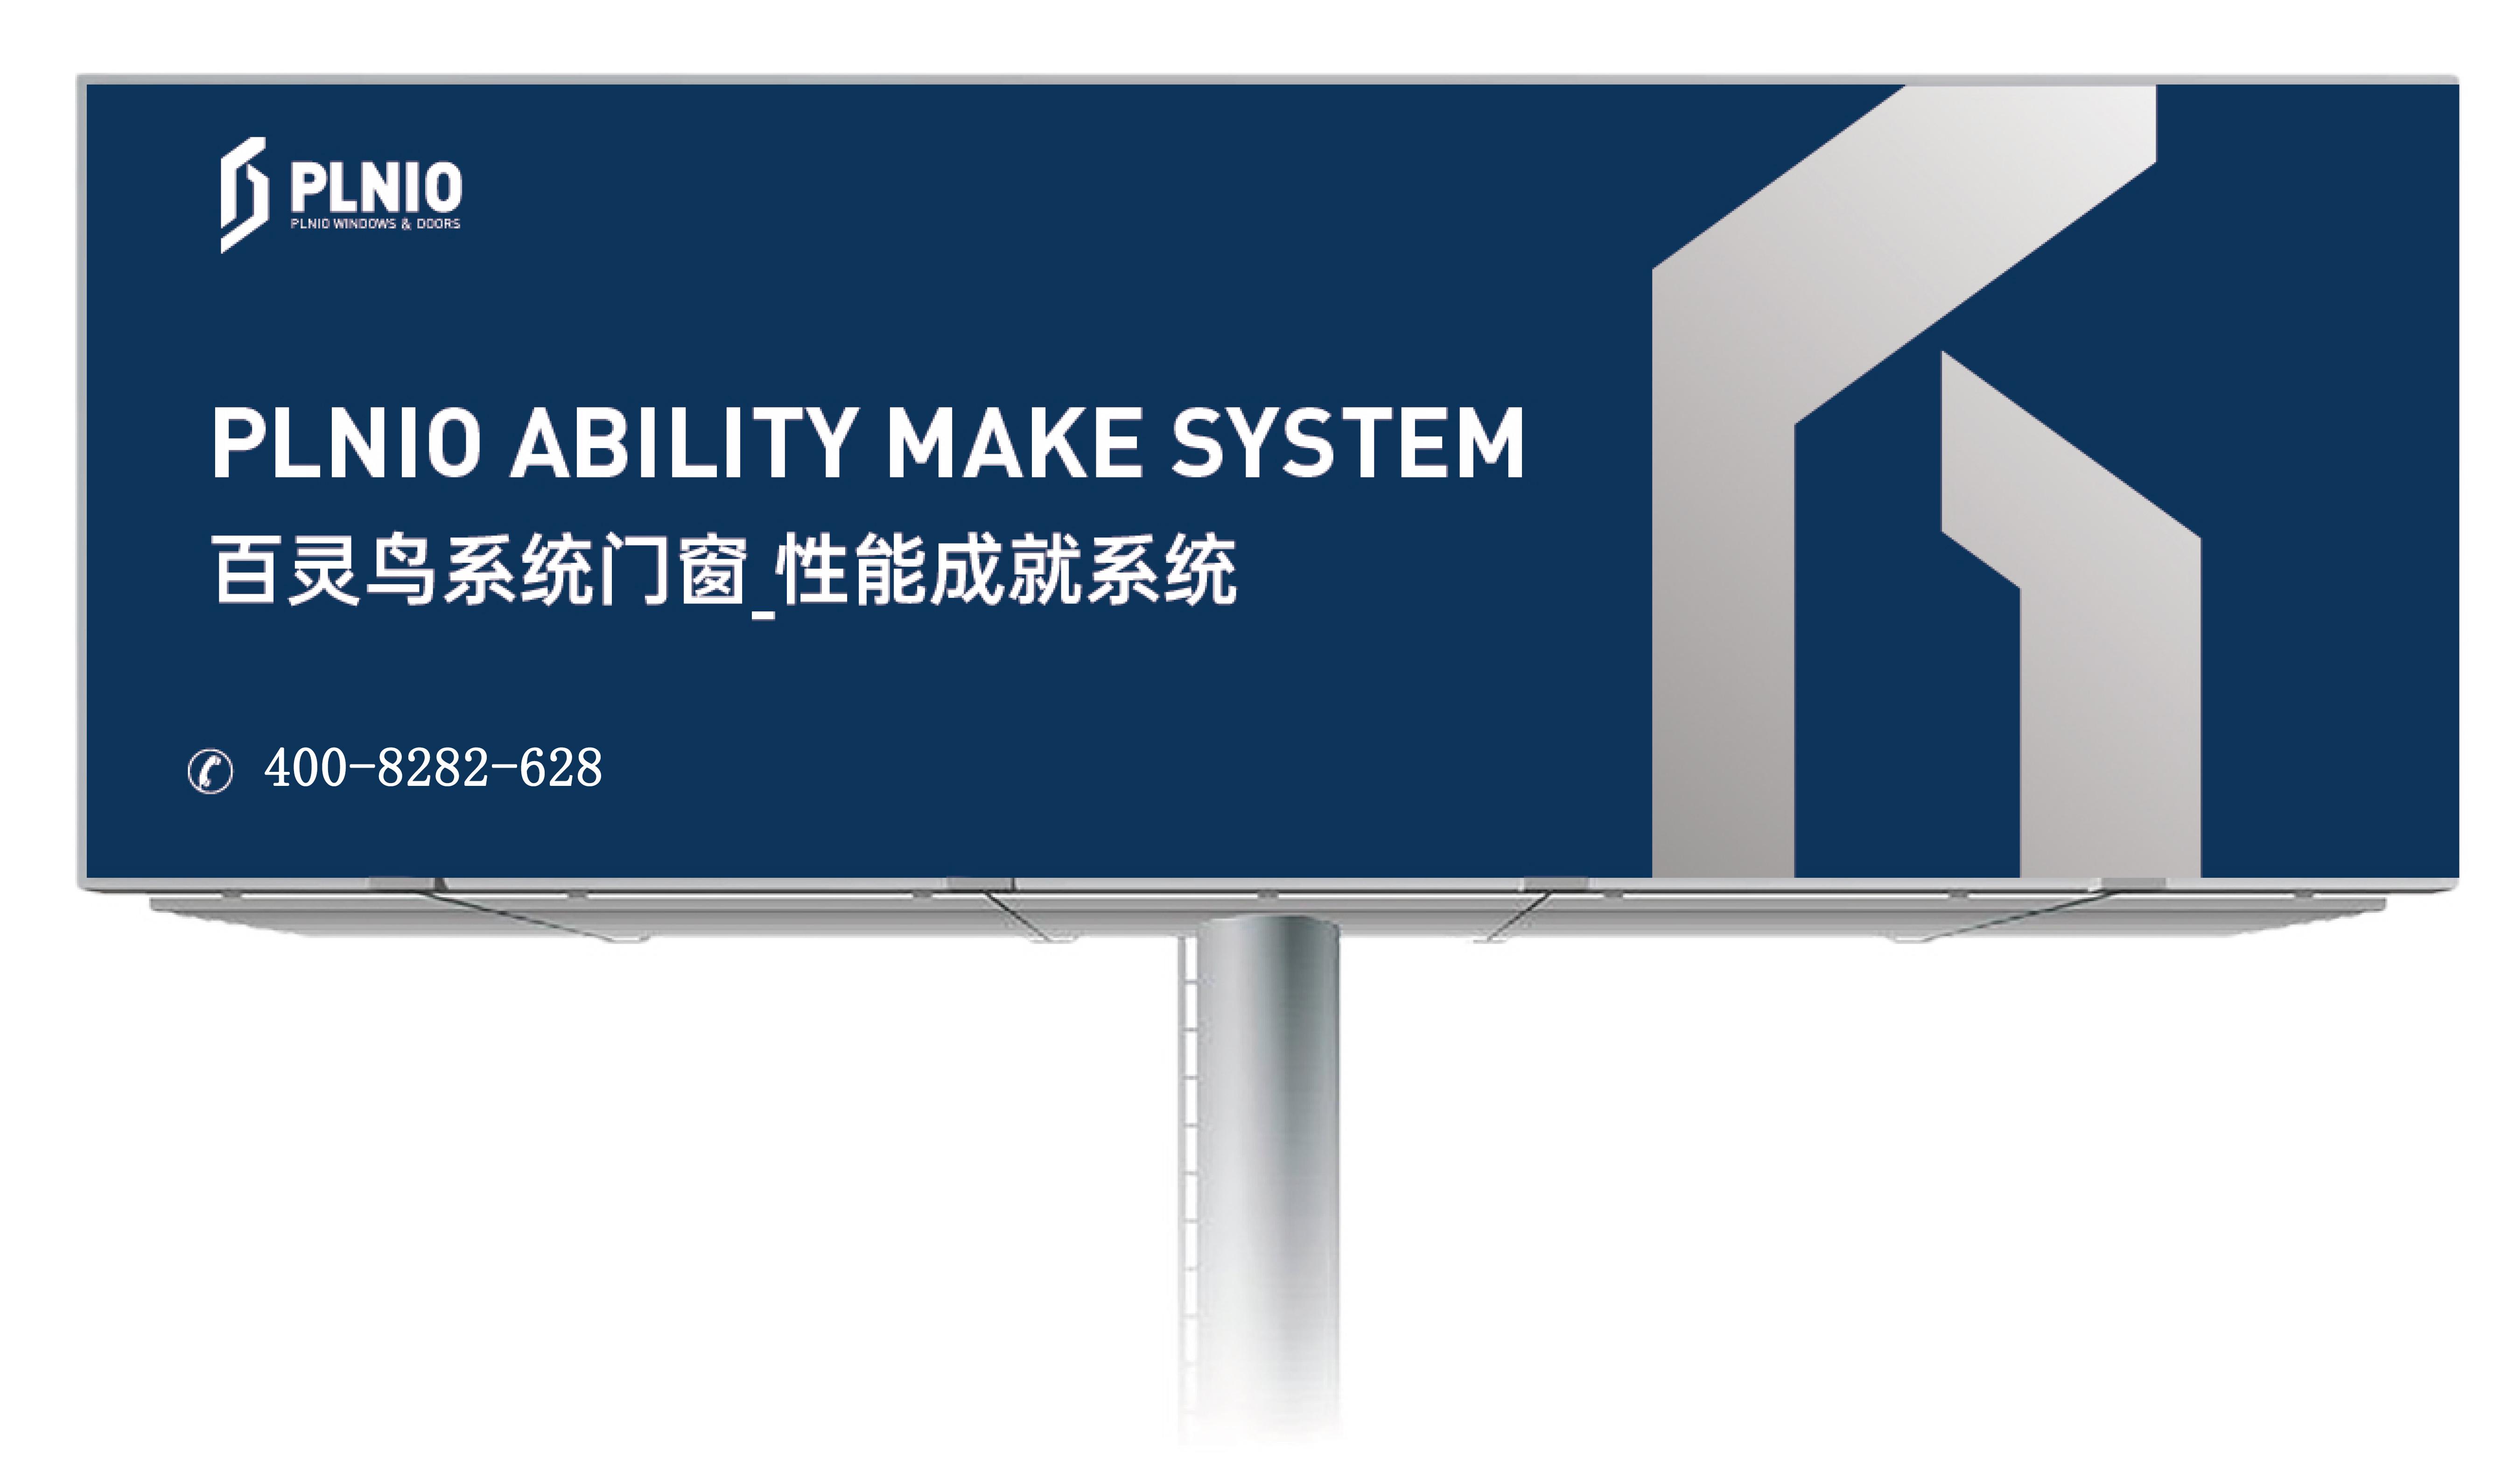 承载中国门窗事业发展使命,迈向品牌新里程,系统门窗厂家成图百灵鸟VI系统全新升级!